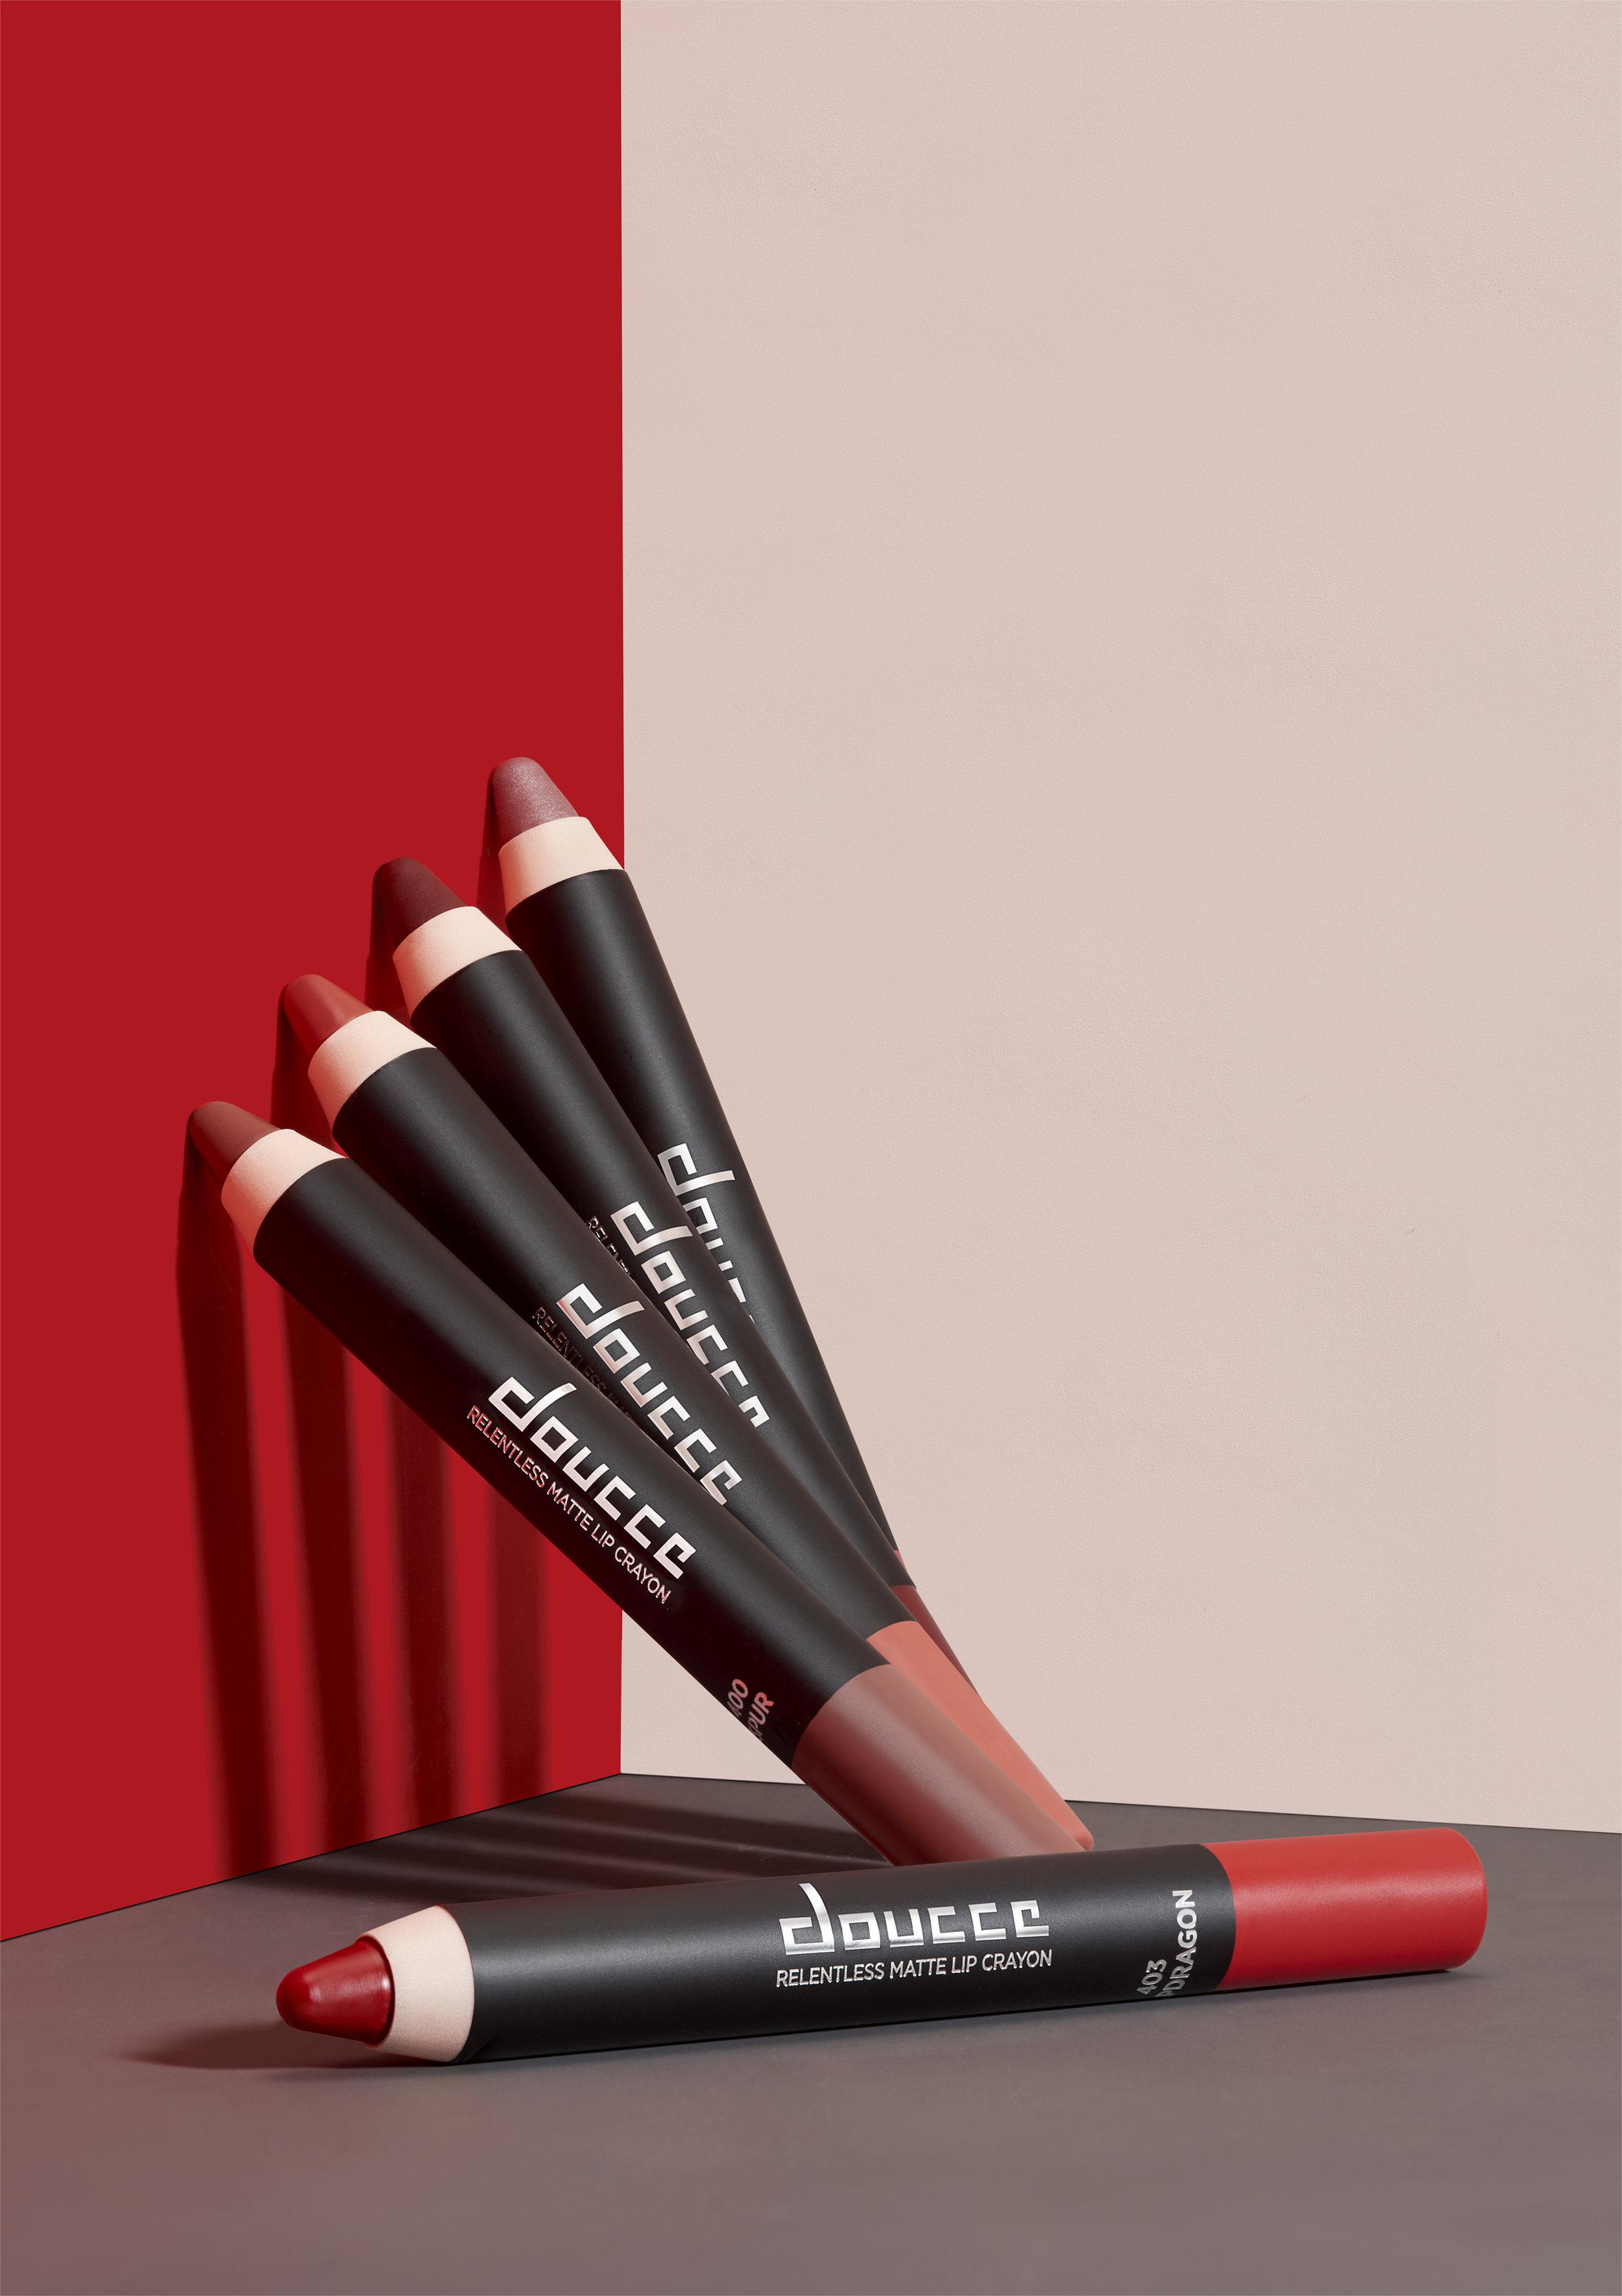 180707_Doucce_Tradeshow_Lip_Crayon_196-204_C_FLAT.jpg